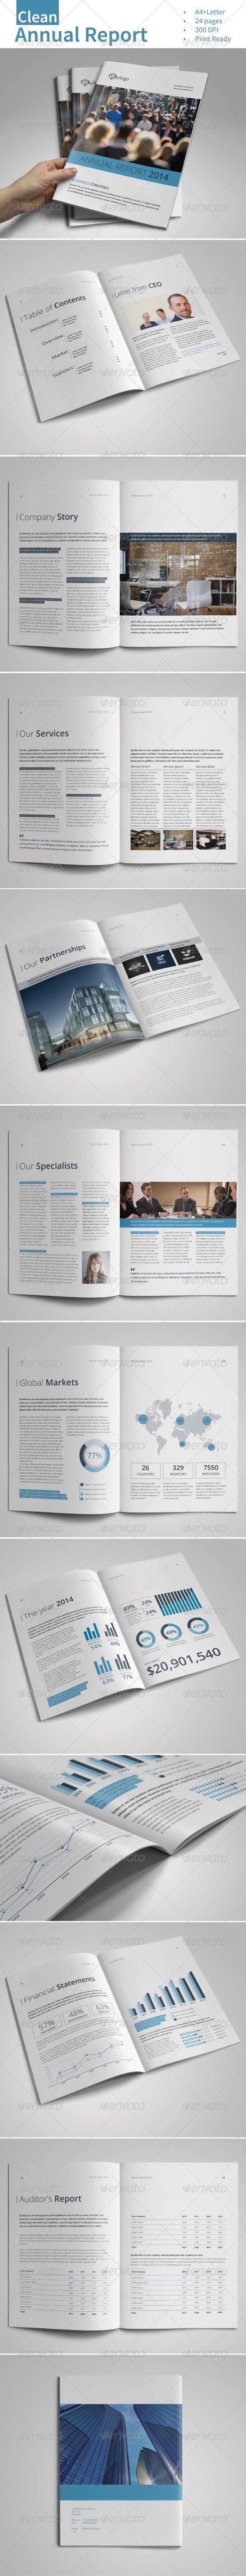 Clean Annual Report Vol.1